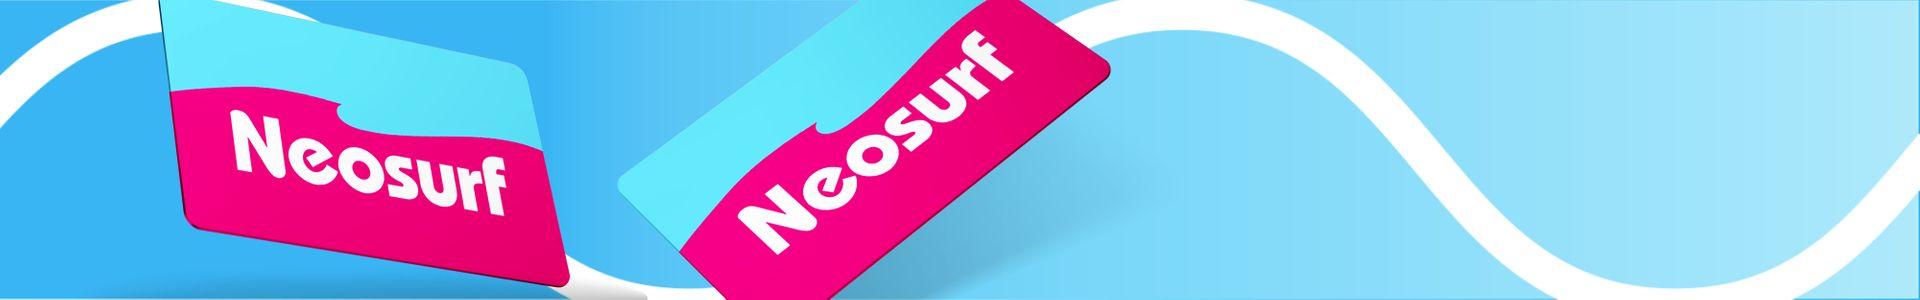 Neosurf Online Kaufen